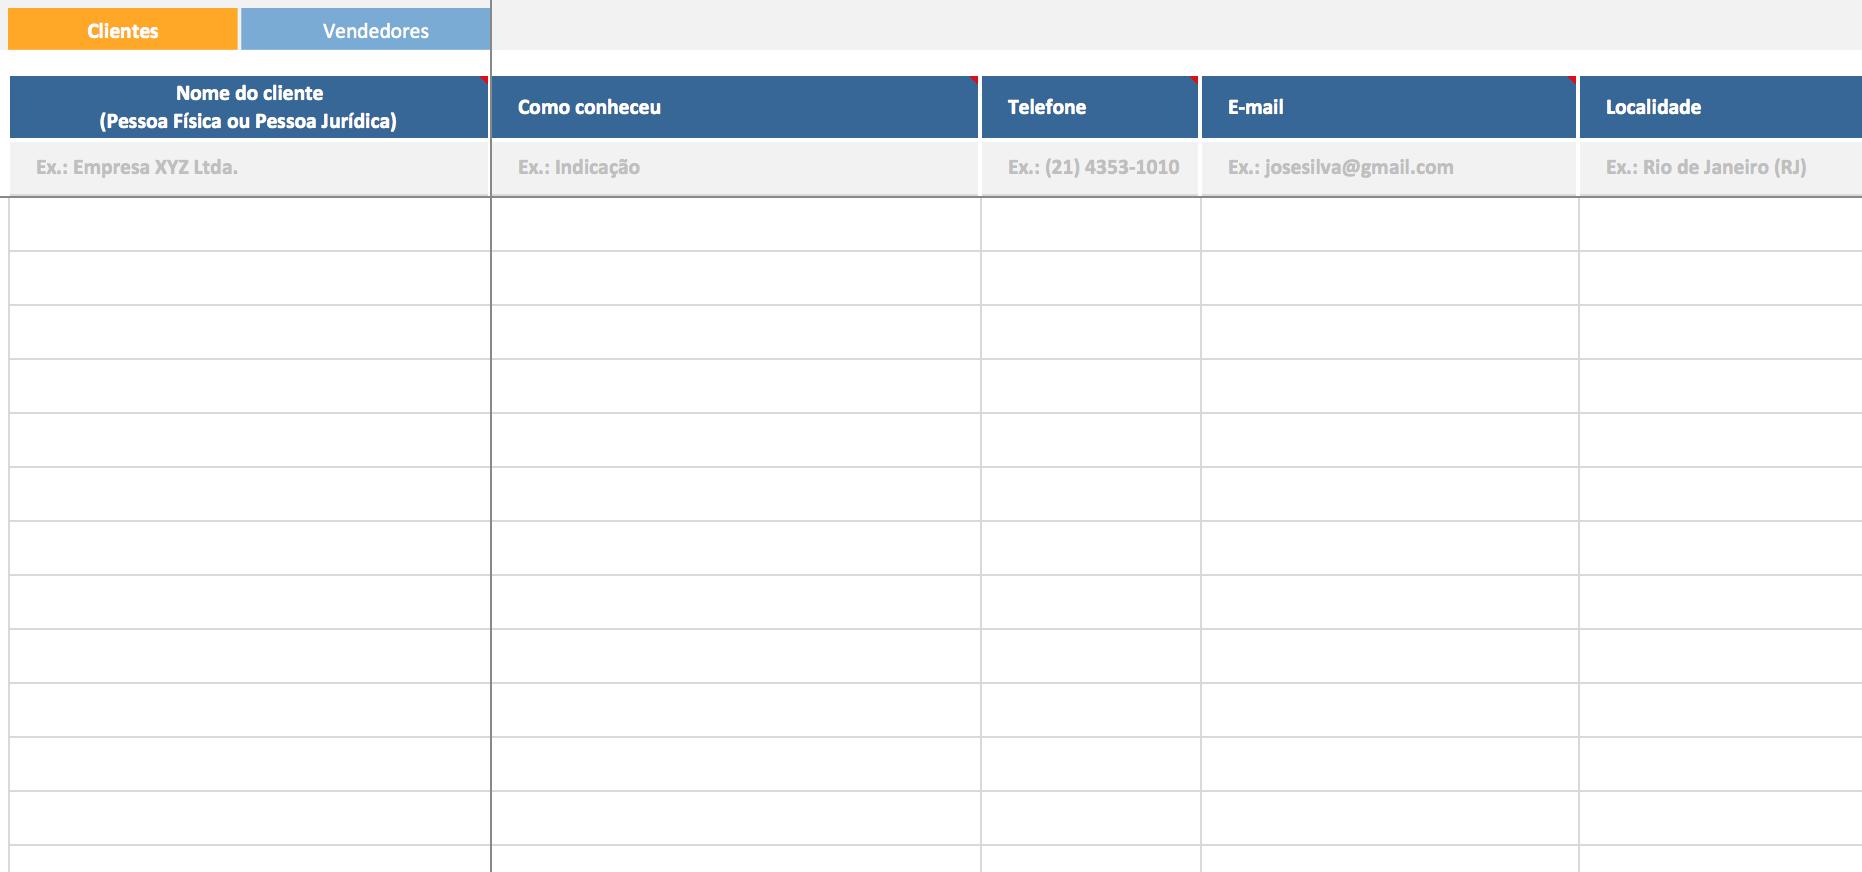 CRM - Cadastro de Clientes